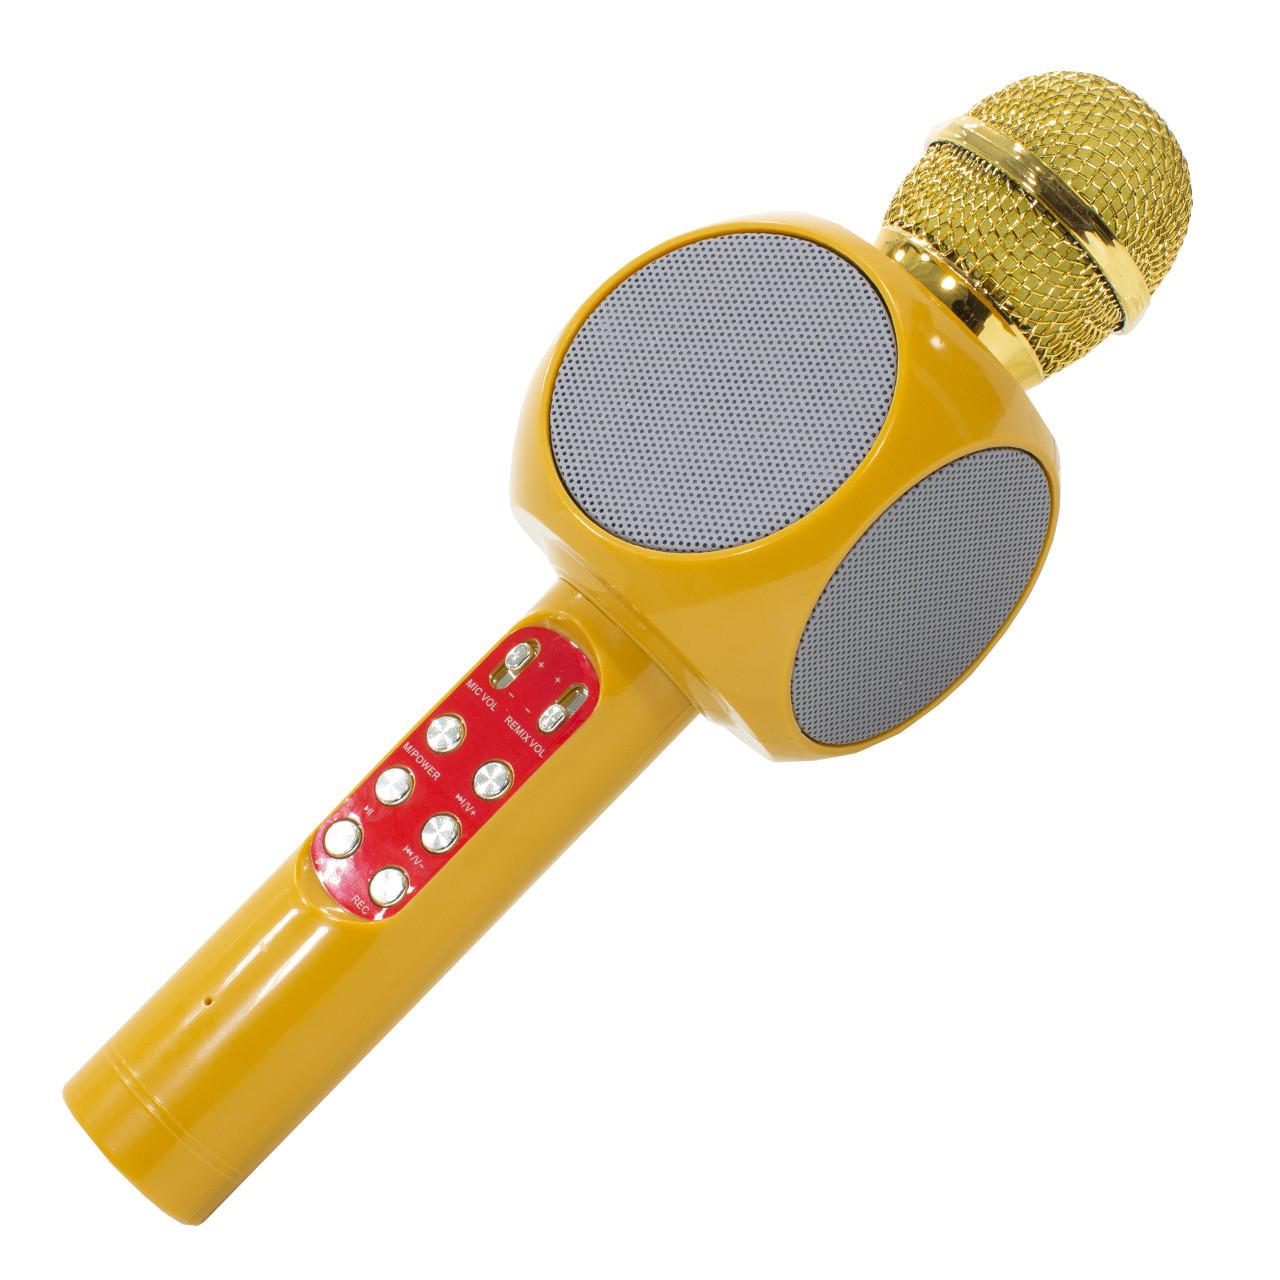 Беспроводной микрофон Micgeek WS-1816 Горчичный (3269-9496)